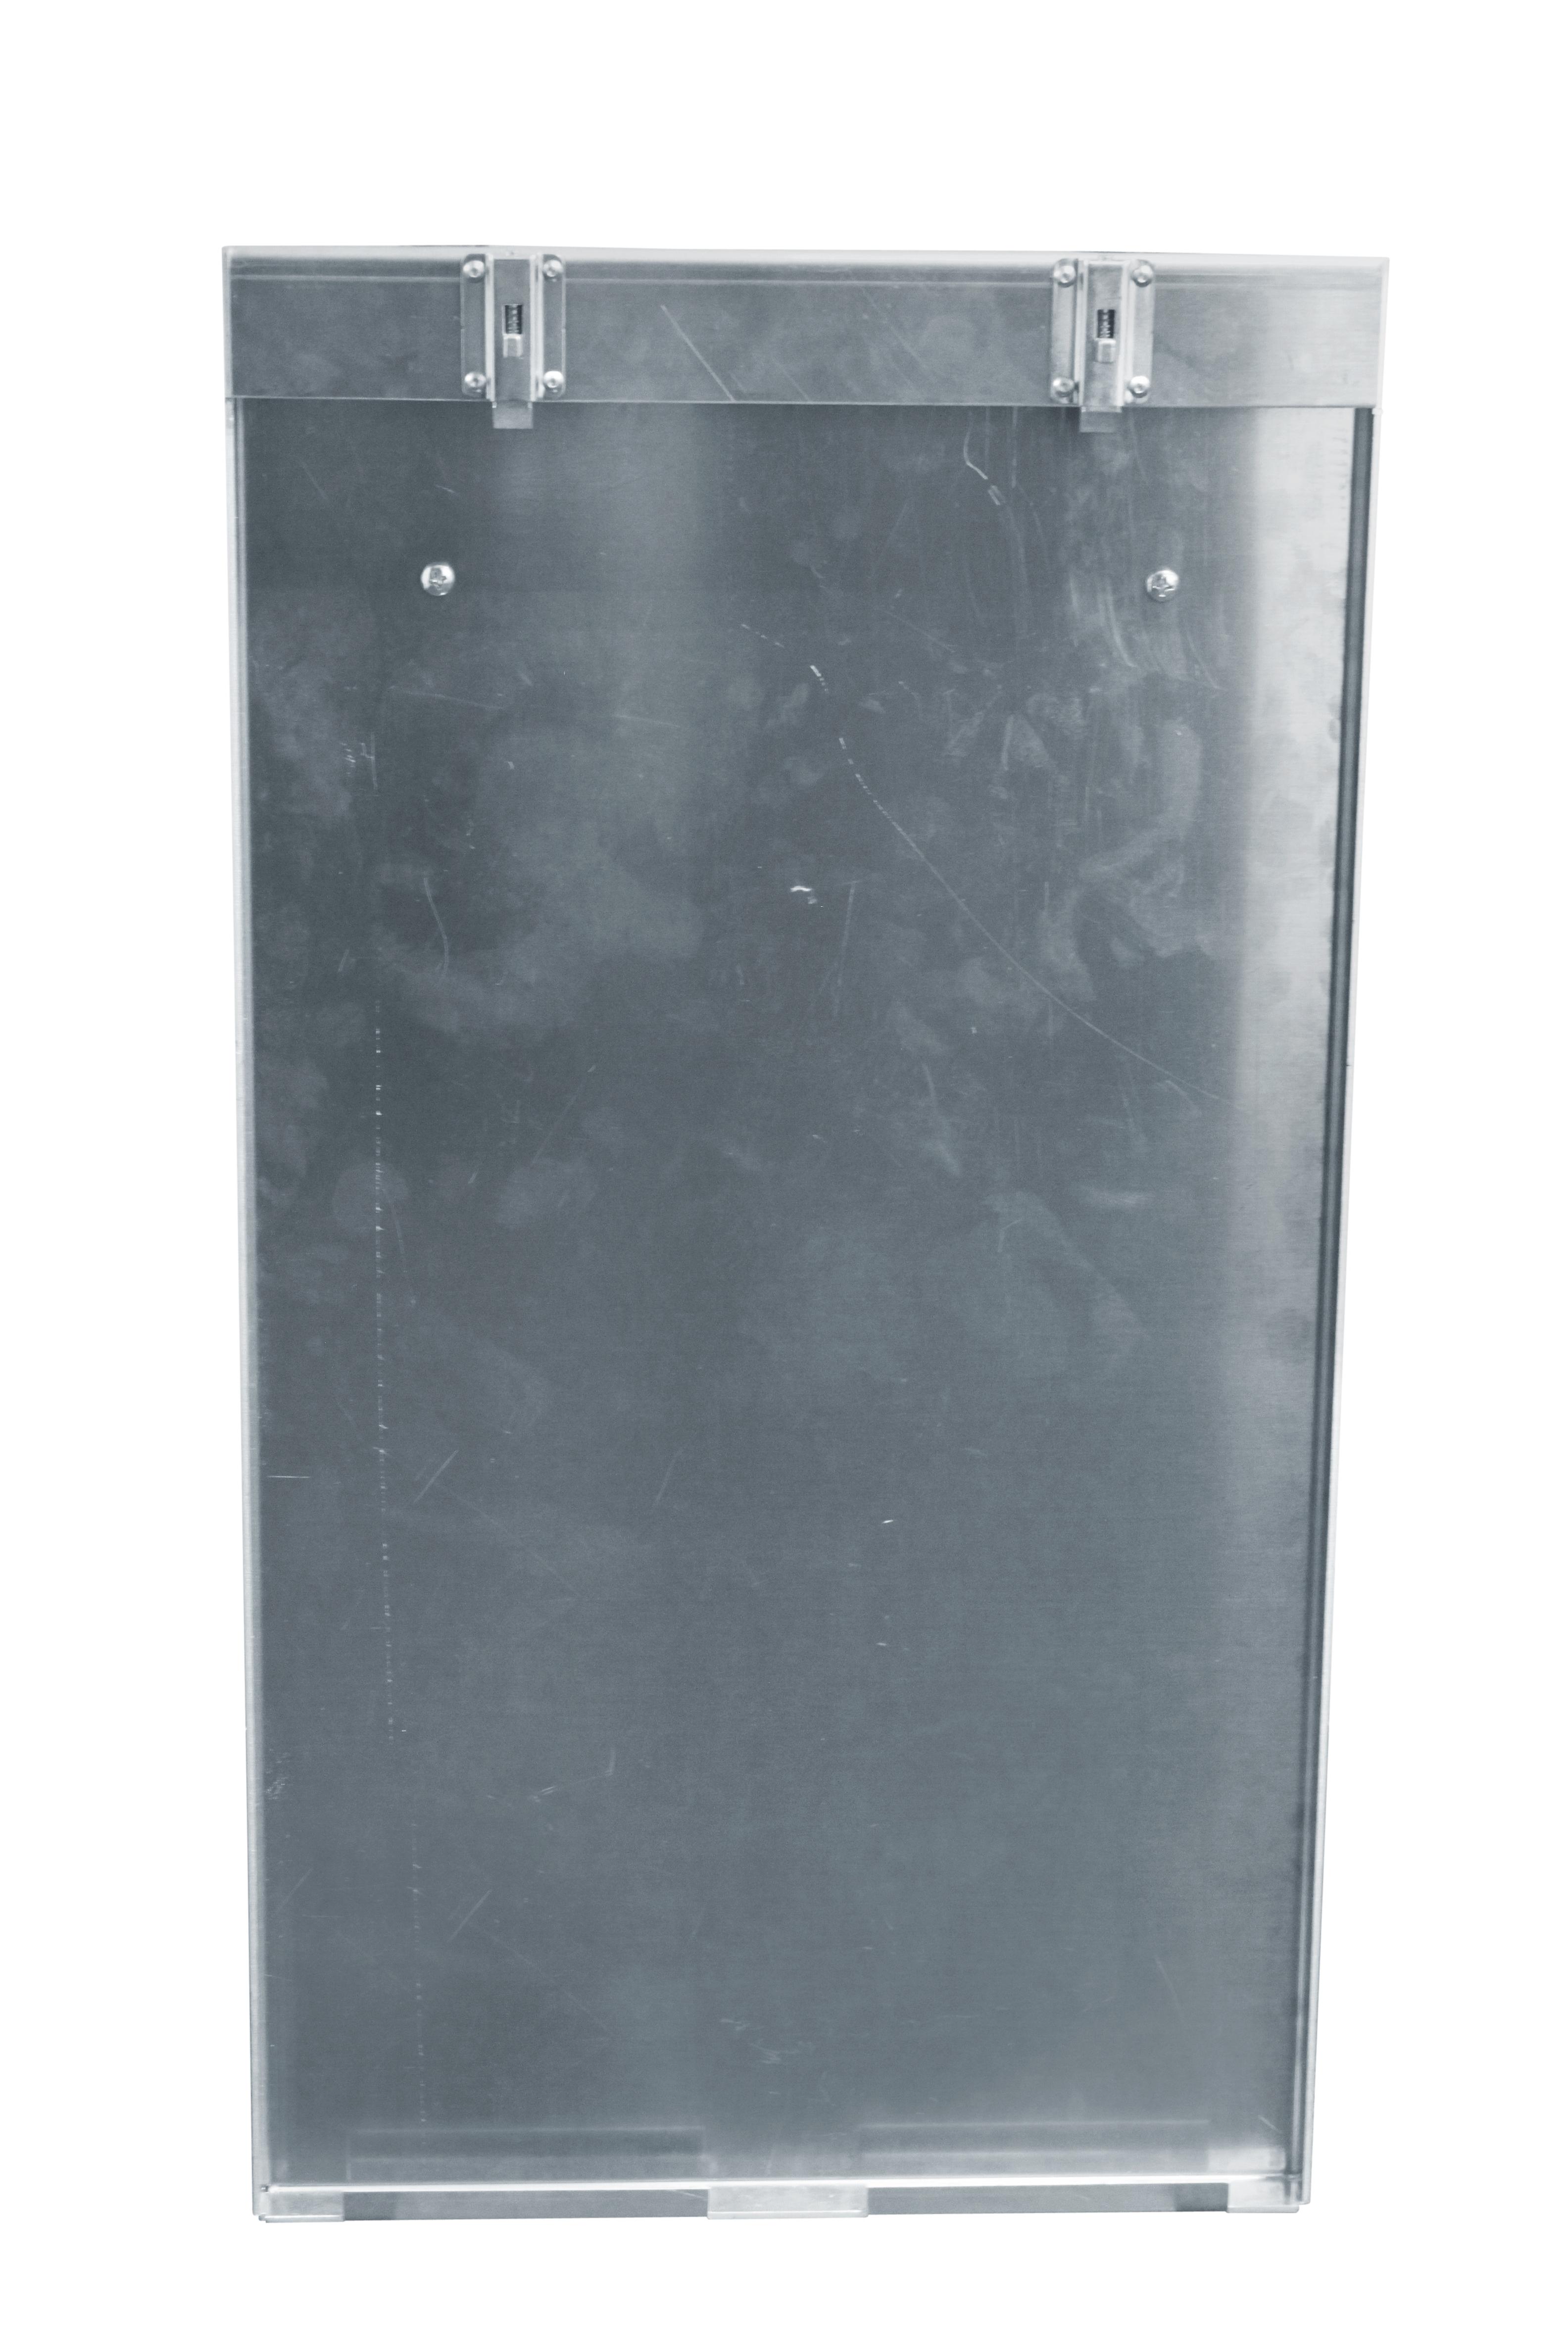 Adapterplatte für Transportrodel, Aufnahme 2 x SPEED WORK